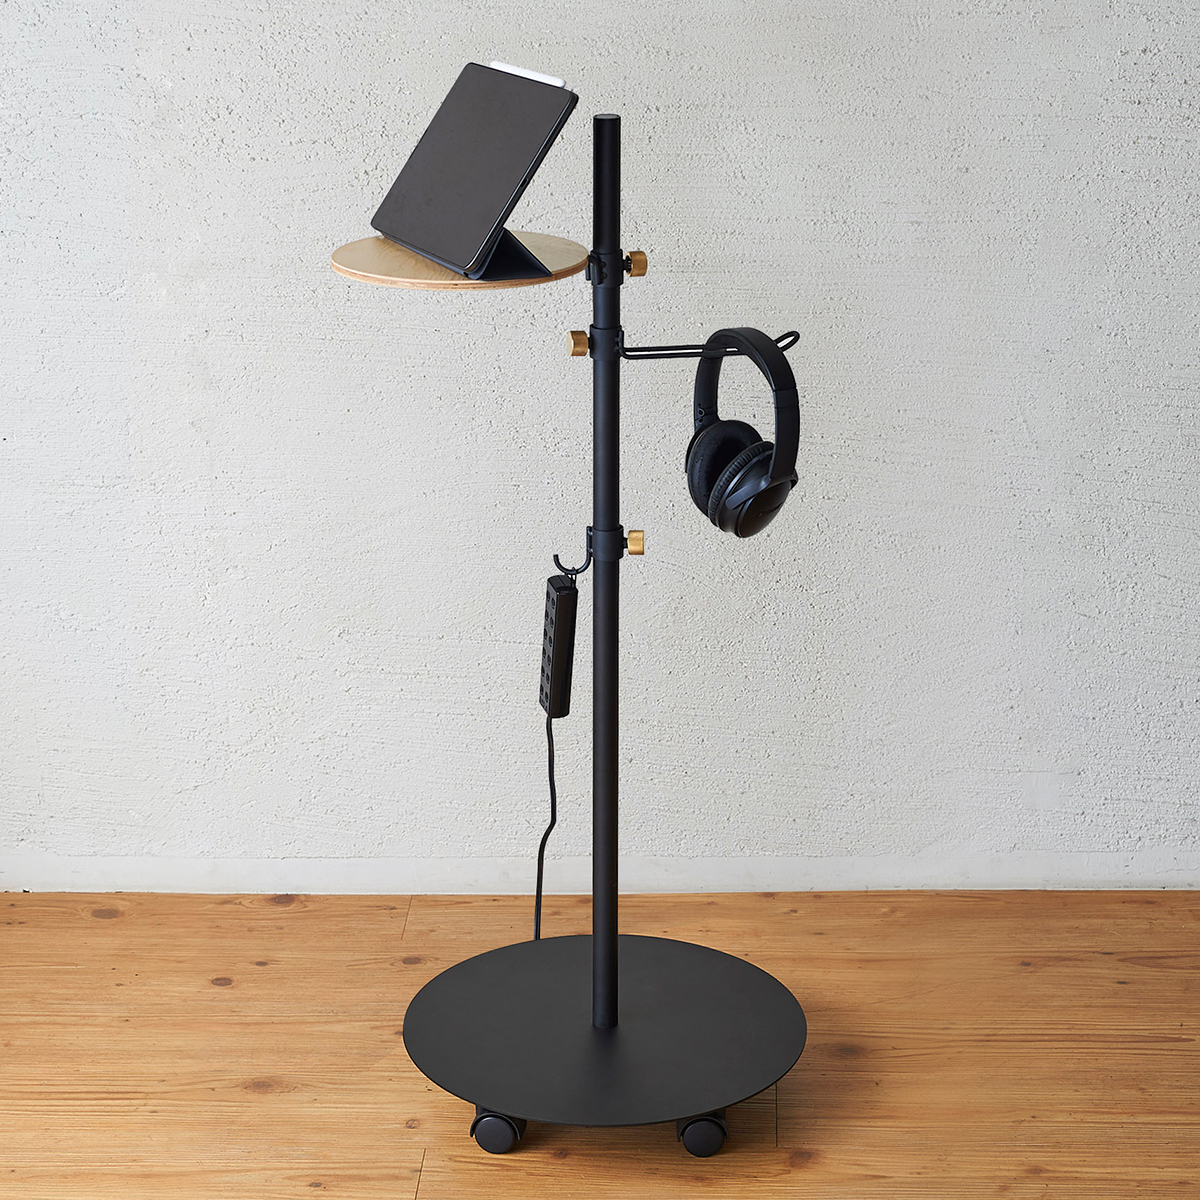 温かみある木製の「テーブル」があれば、スマホやスマートウォッチの充電台を置けるので、充電忘れがなくなります。キャスター台つきポール「Move Rod(ムーブロッド)」|DRAW A LINE(ドローアライン)